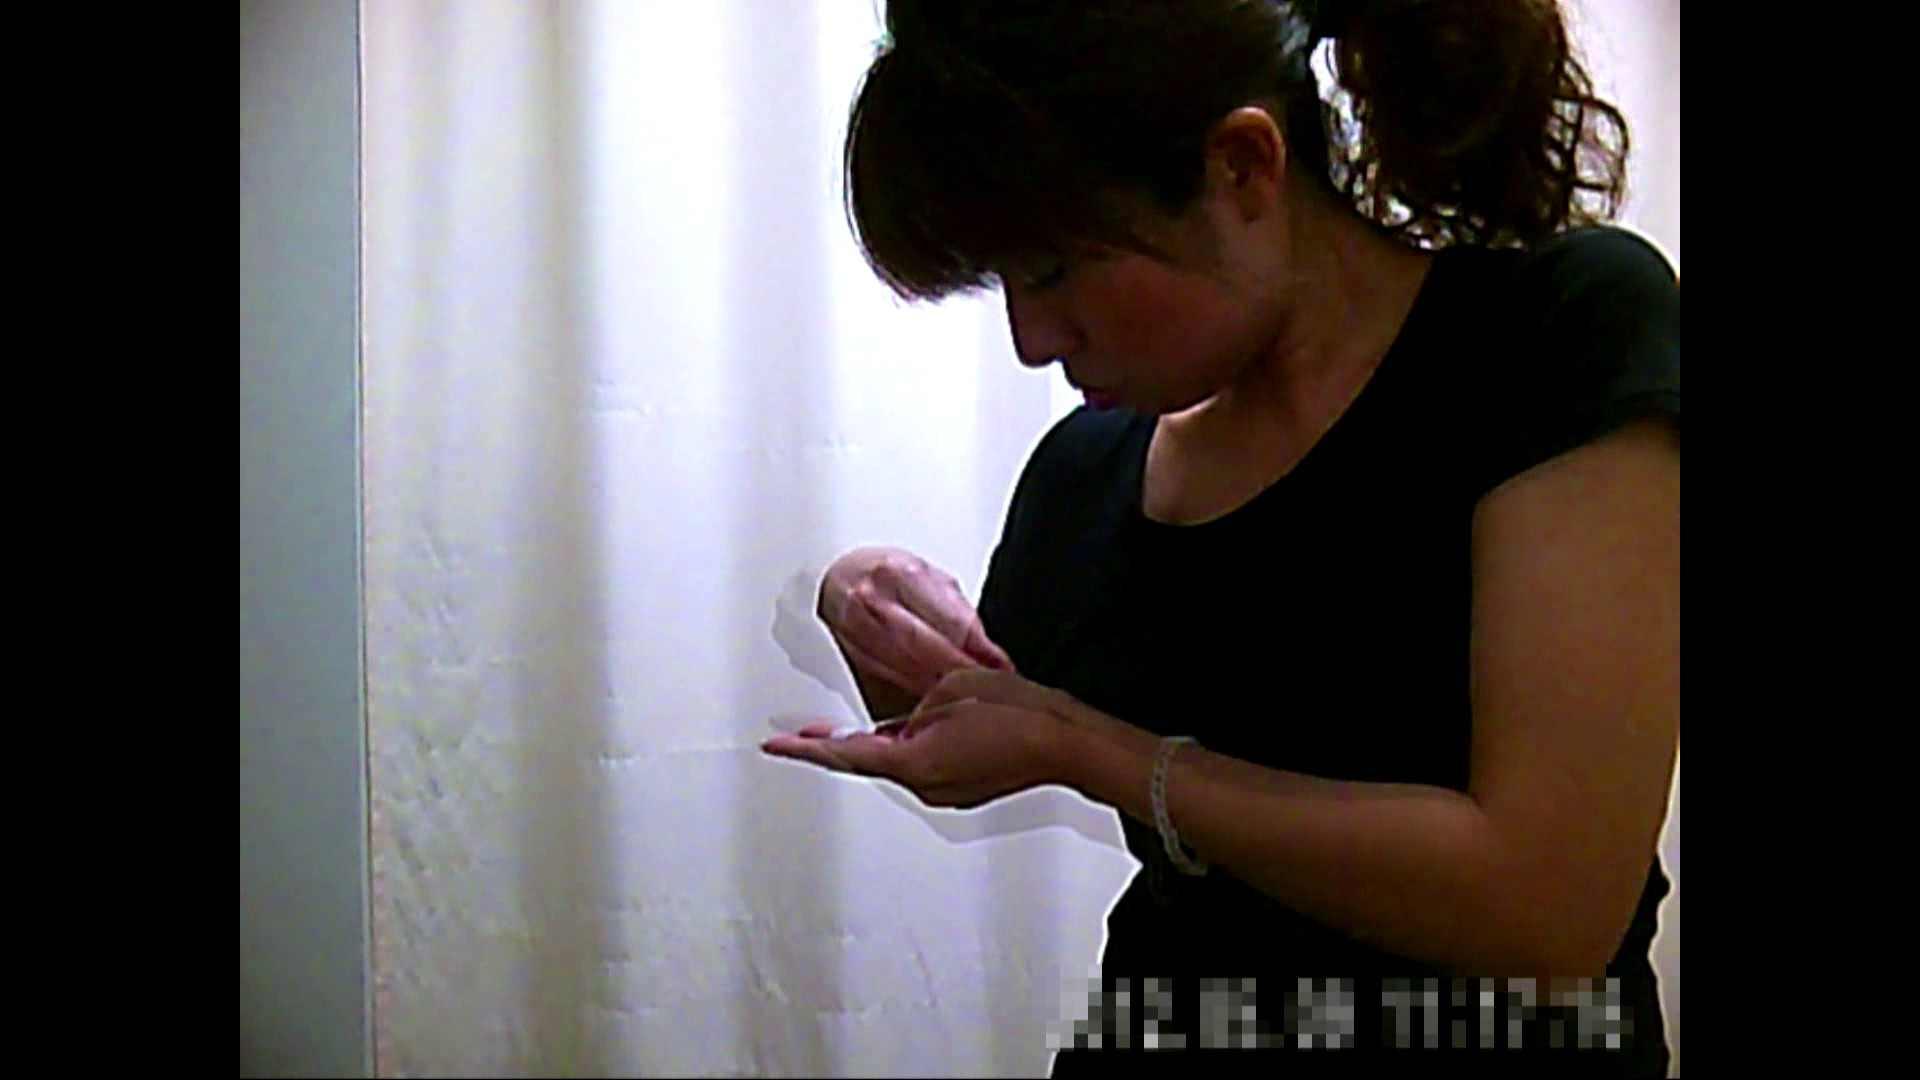 元医者による反抗 更衣室地獄絵巻 vol.002 OLハメ撮り  40Pix 35